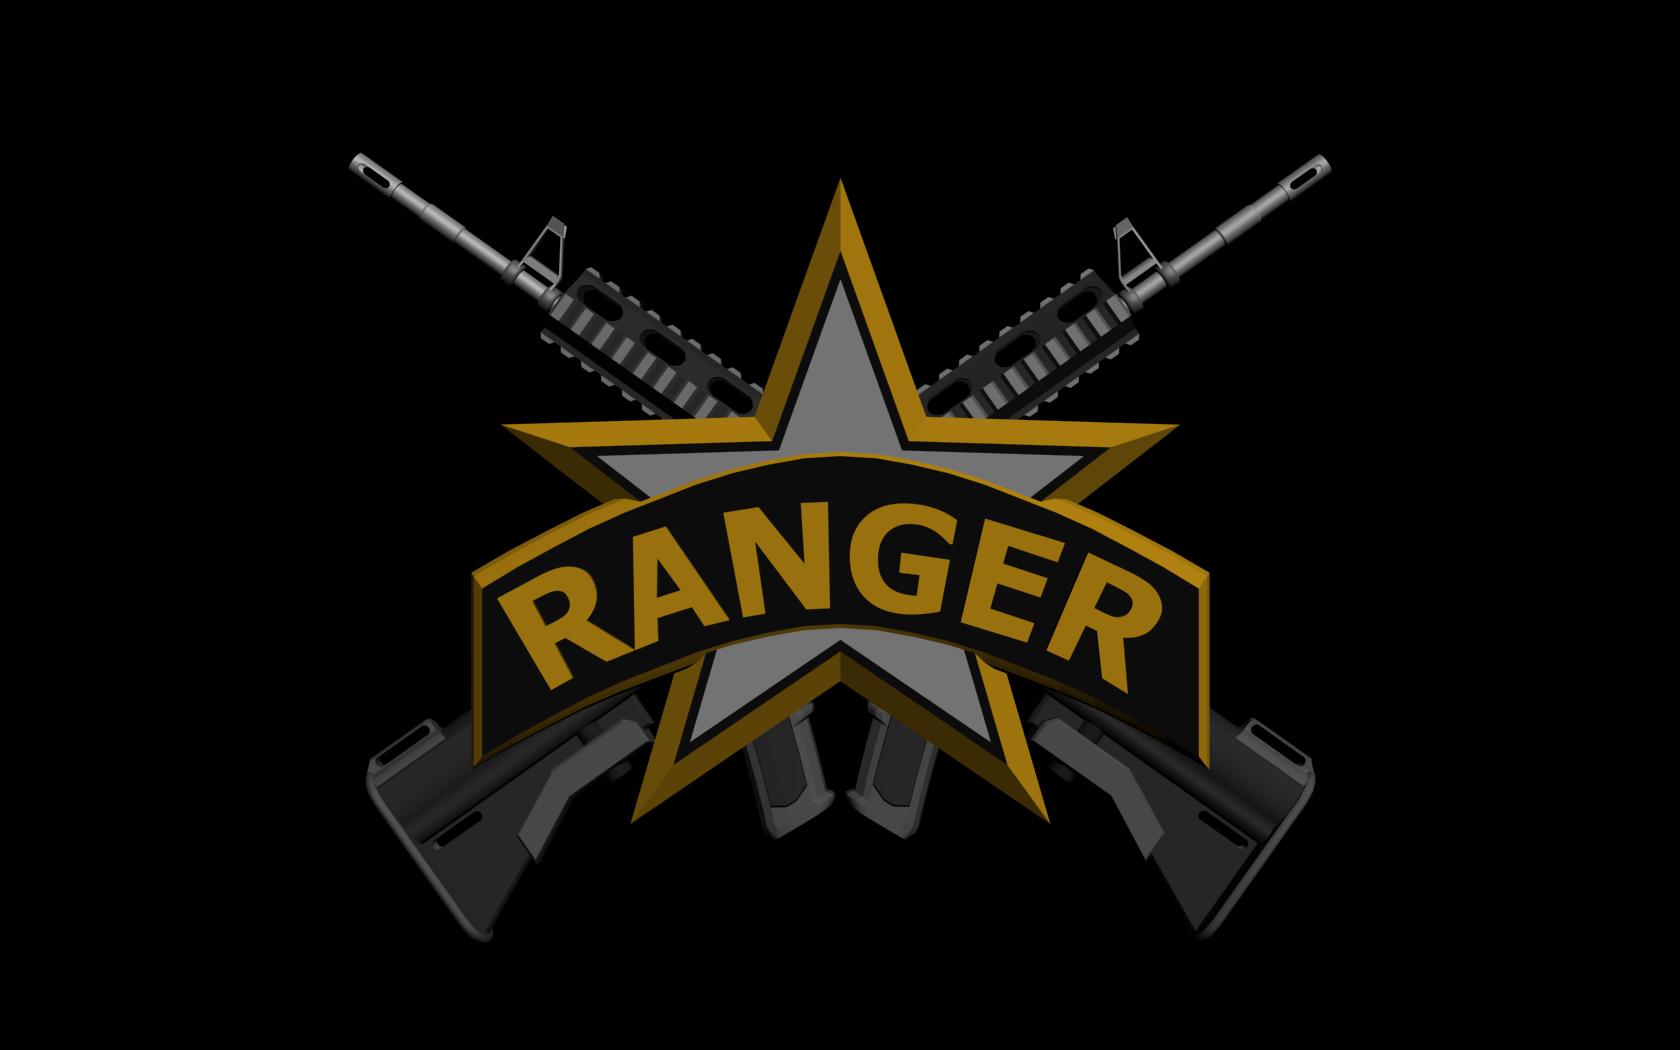 75th ranger regiment emblem emblems for battlefield 1 battlefield rh emblemsbf com army ranger logo wallpaper army ranger logo images